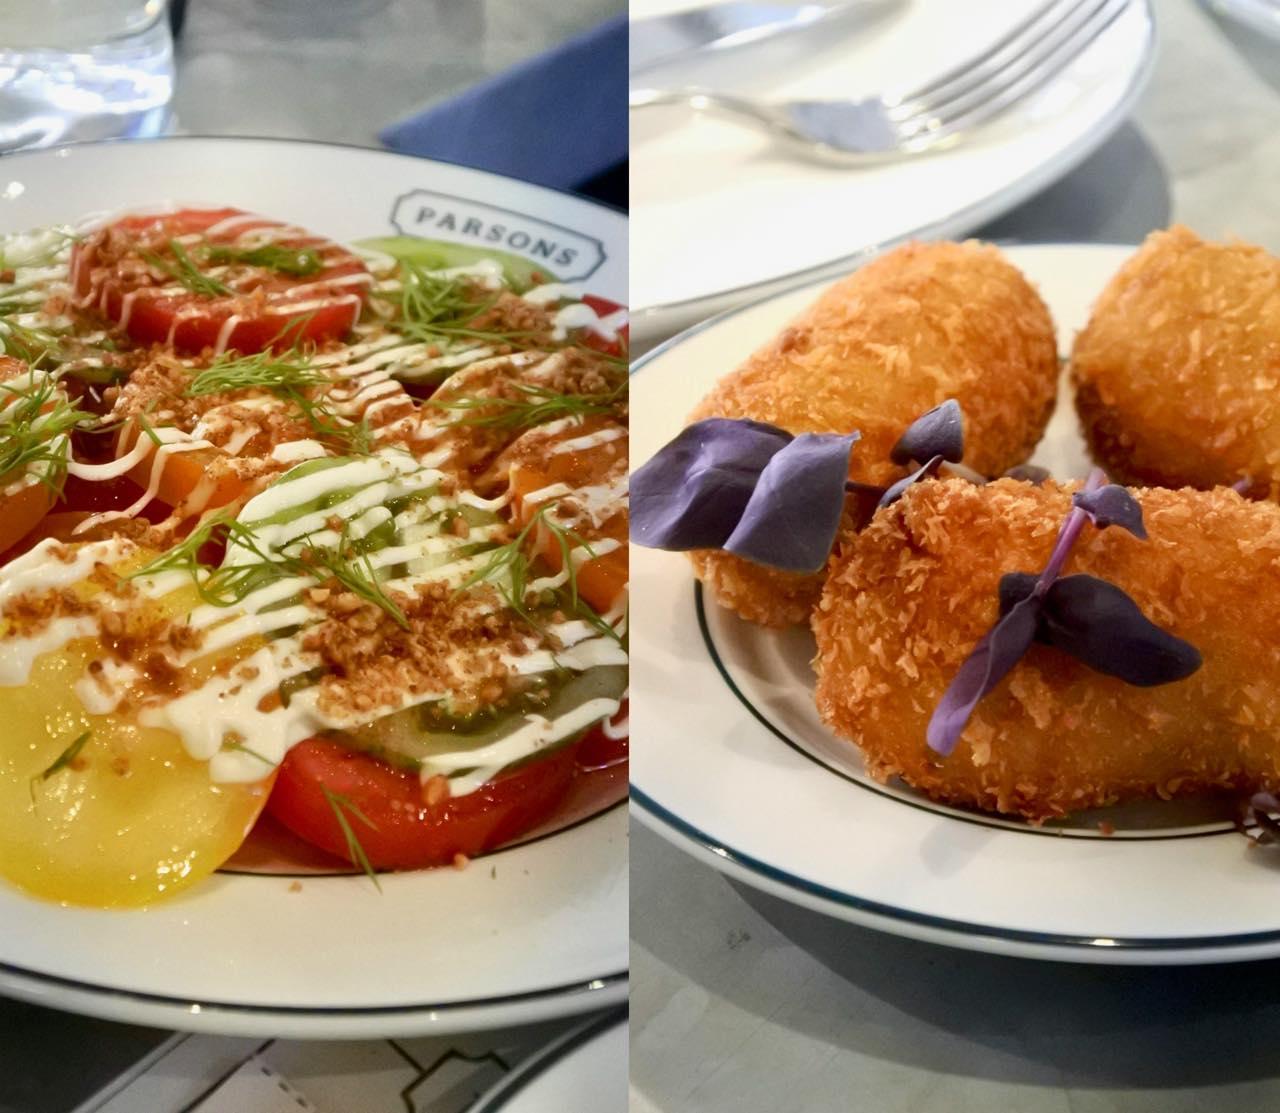 左が季節メニューのトマトのサラダ。オイスター・マヨと鰹節の風味が絶品。右が業界人が選ぶすっぷ・スナックの一つに選ばれたポテット・シュリンプのコロッケ!